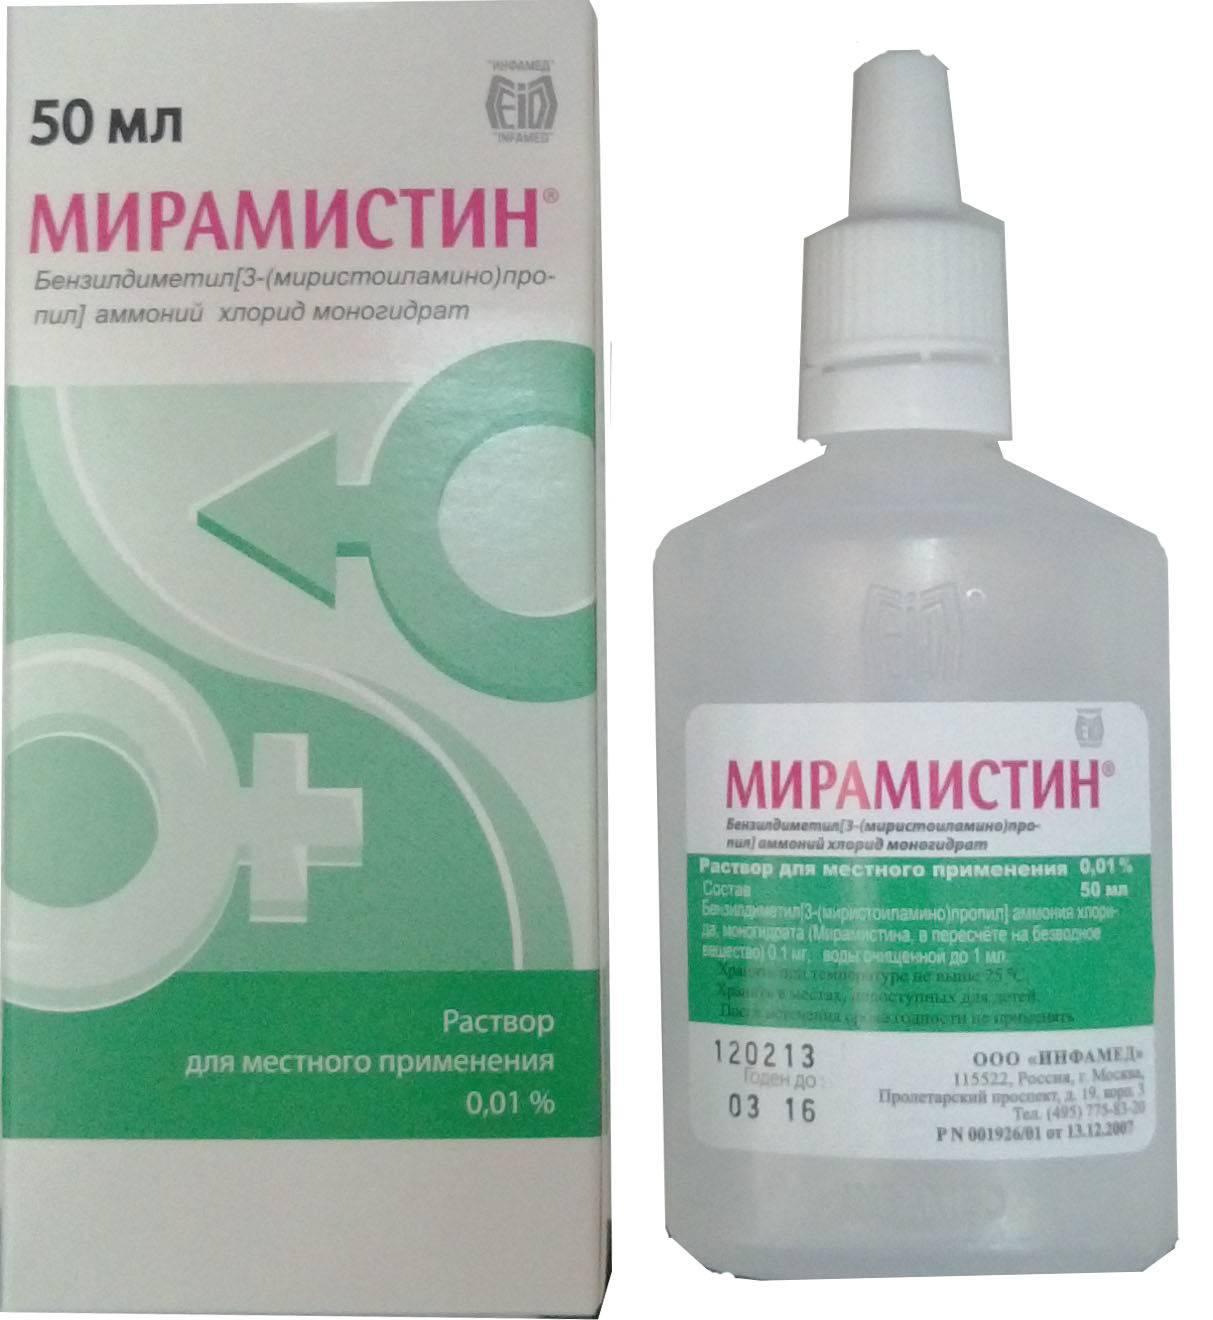 Как применять мирамистин для глаз при конъюнктивите и других болезнях oculistic.ru как применять мирамистин для глаз при конъюнктивите и других болезнях